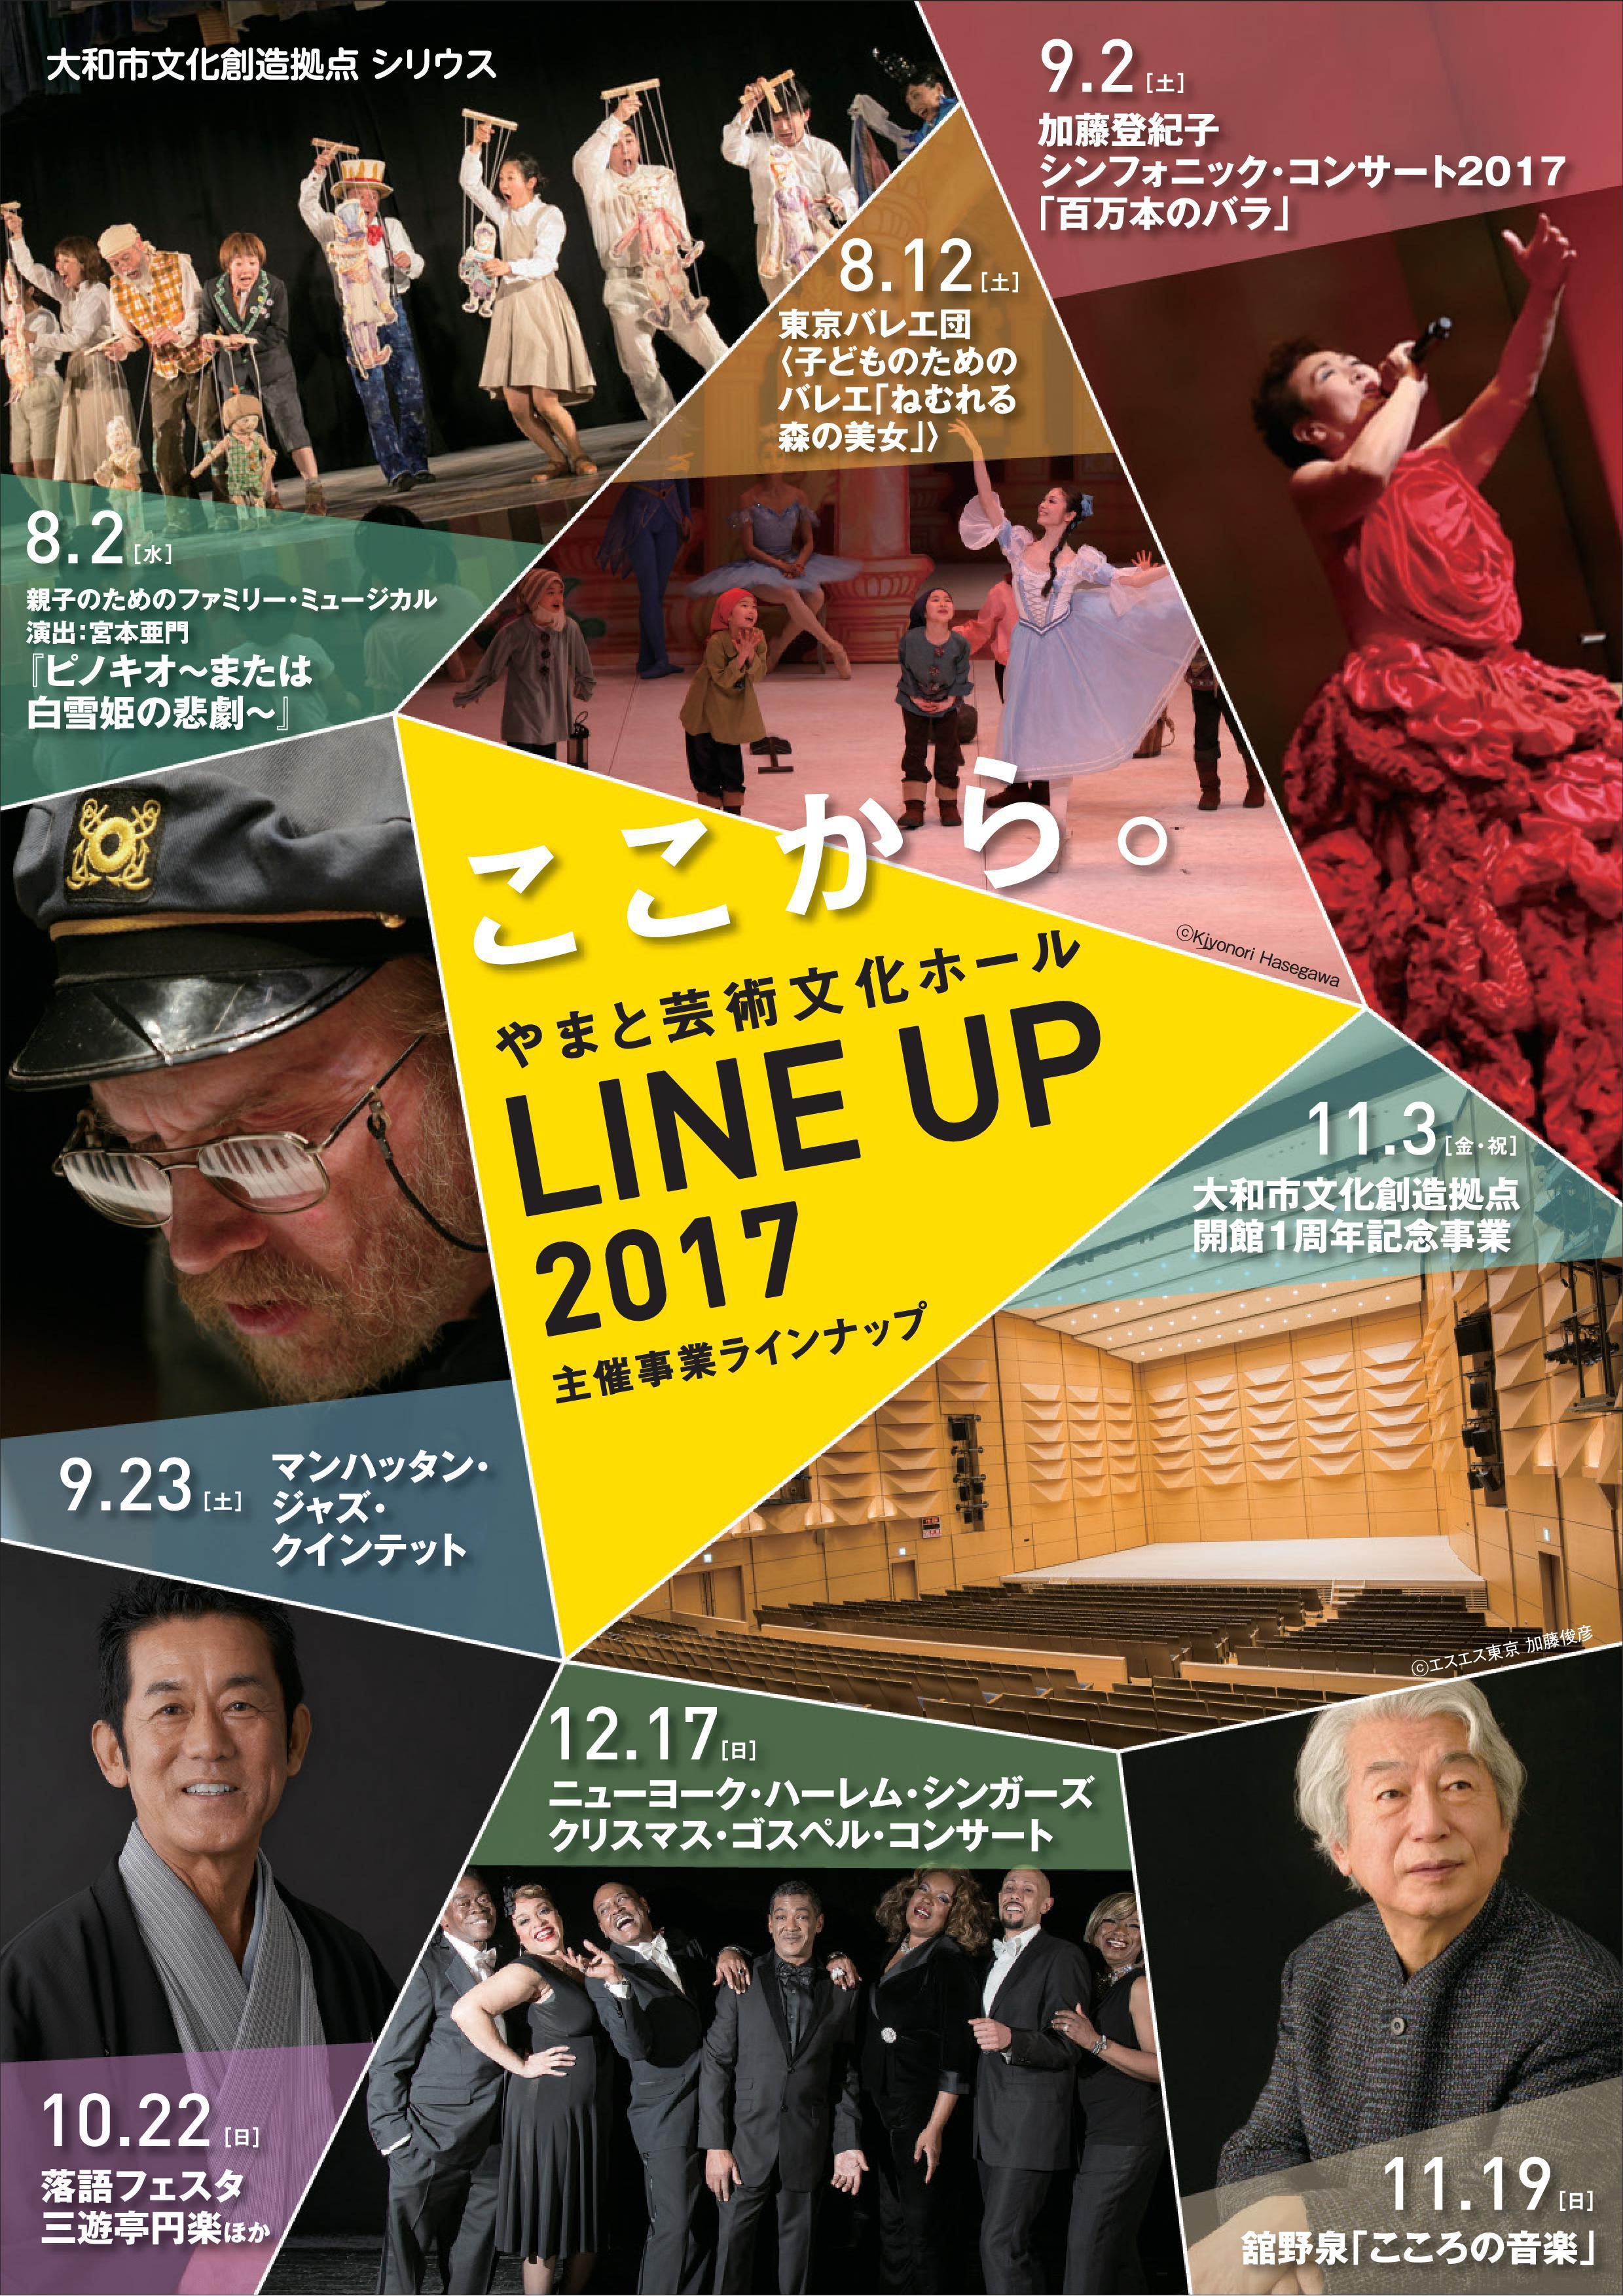 2017年度 主催事業LINE UP